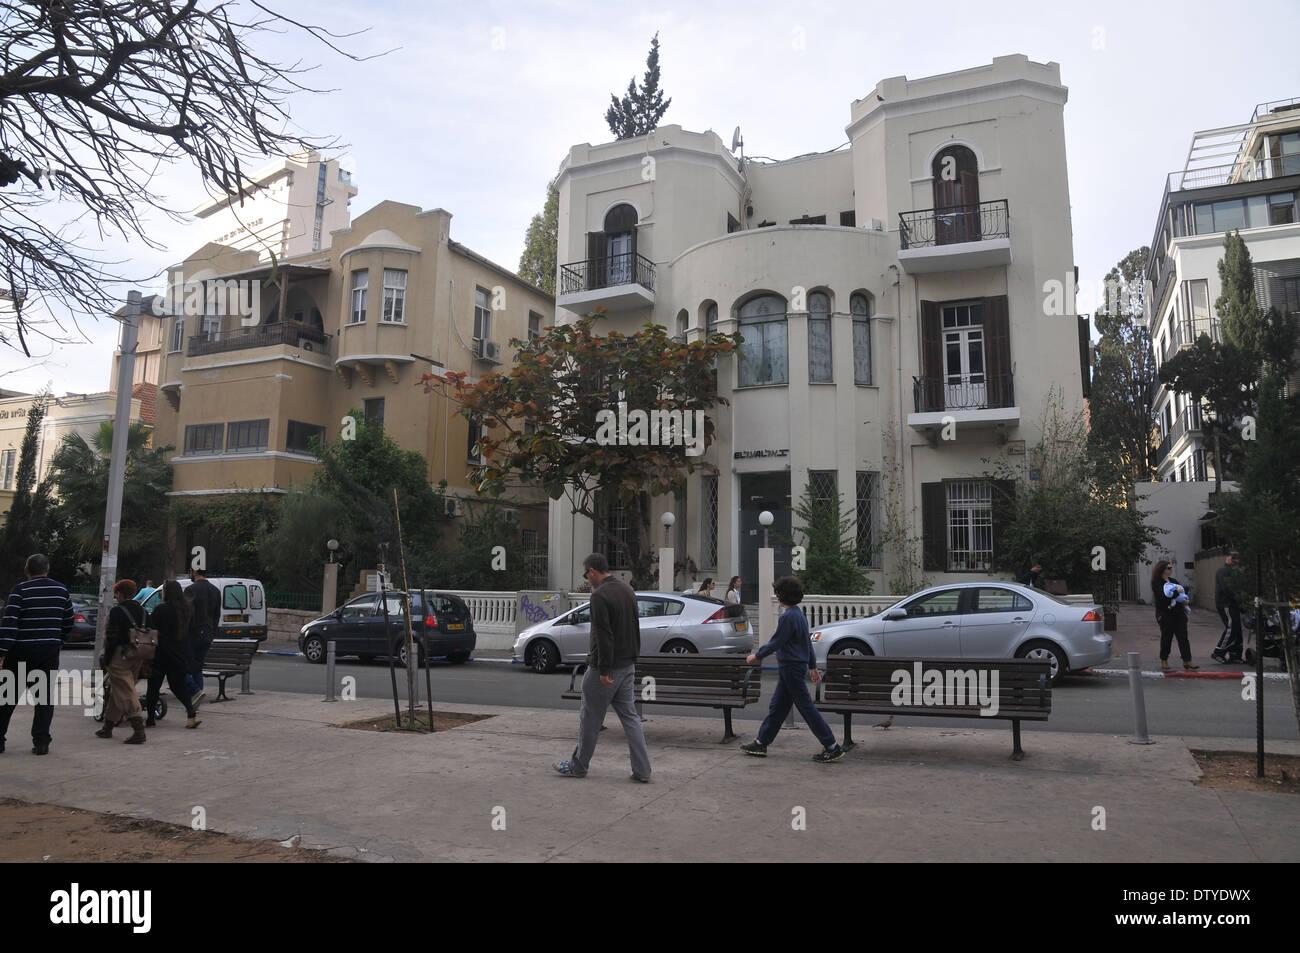 Israel, Tel Aviv, Rothschild Boulevard - Stock Image